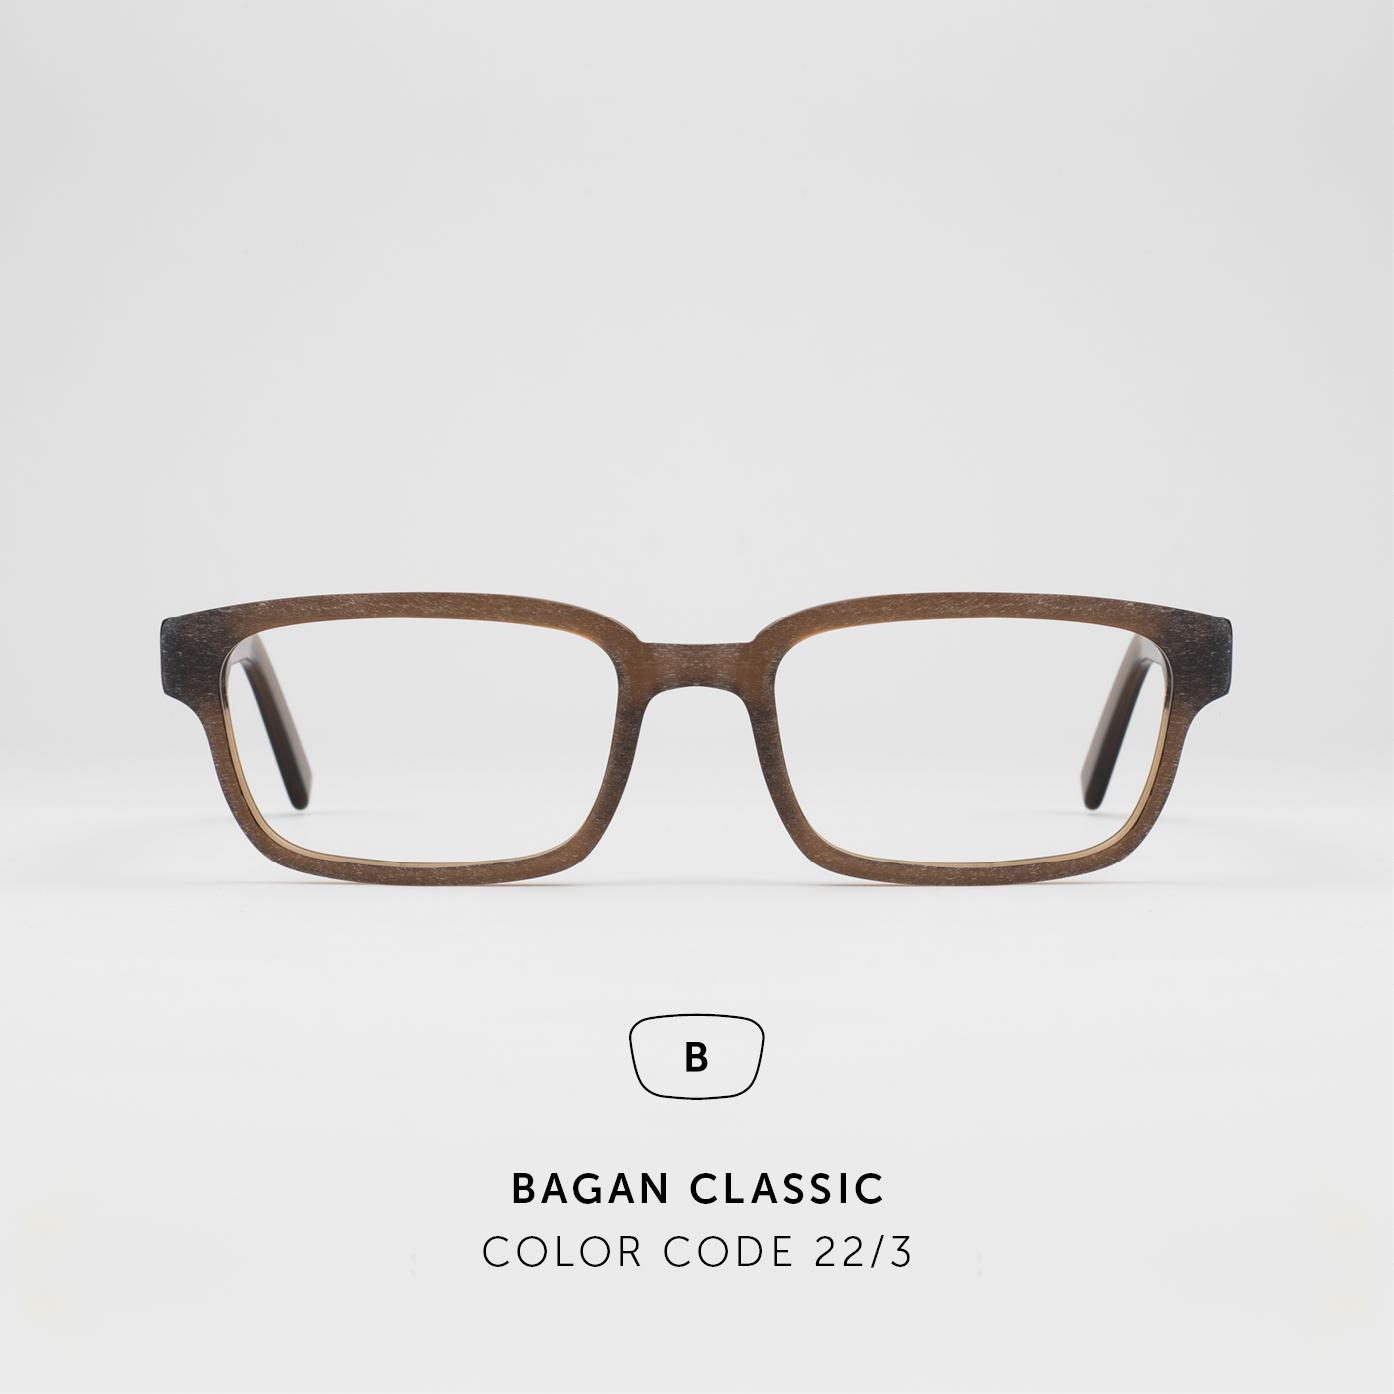 BaganClassic49.jpg